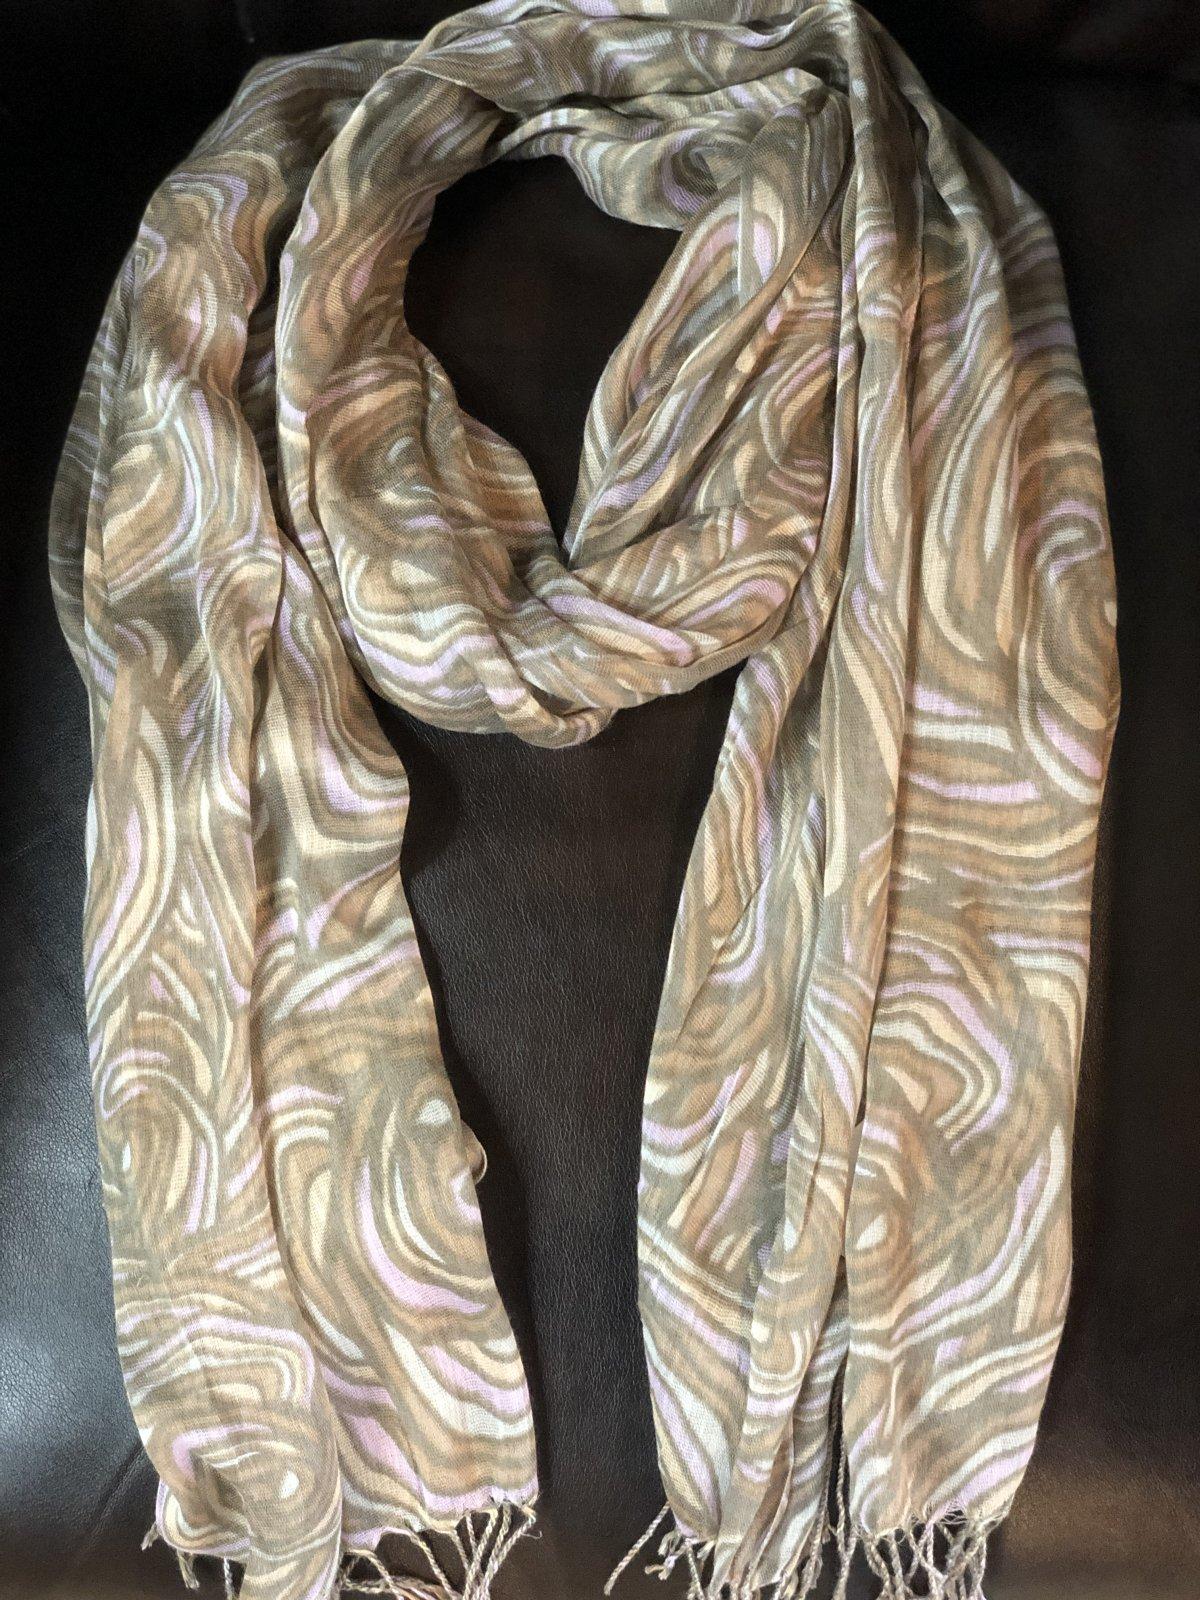 Veond patterned scarf